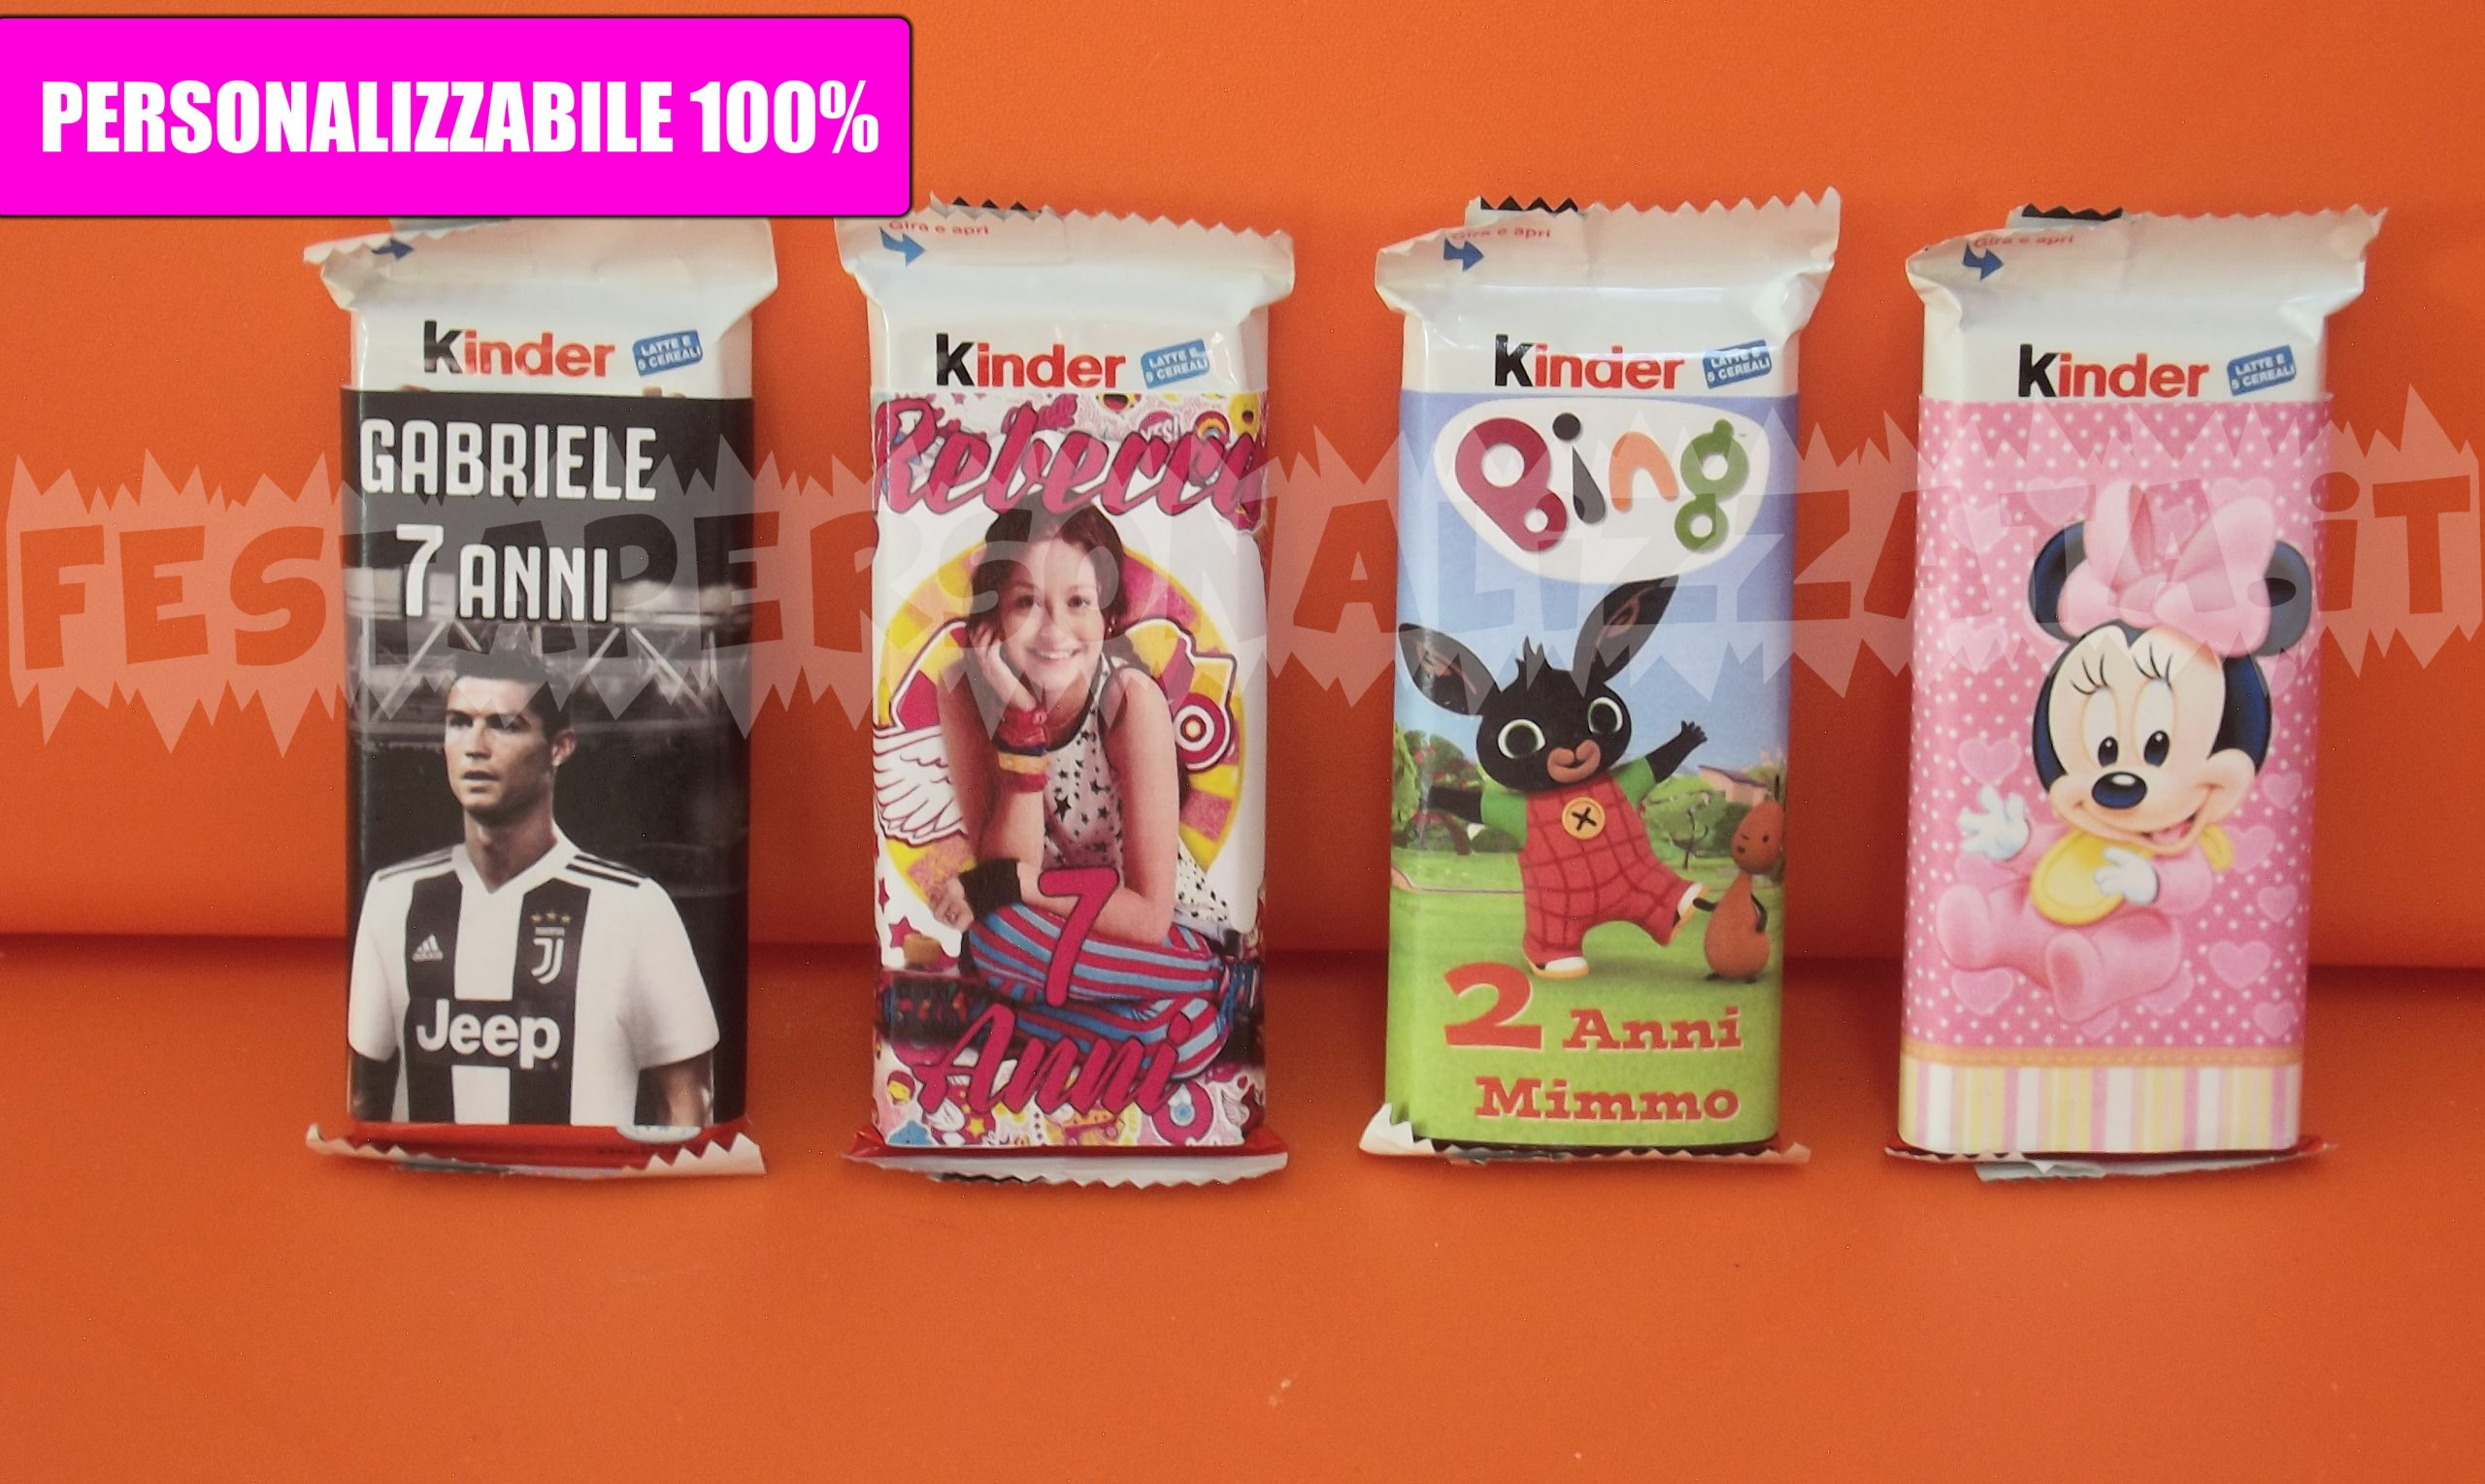 Kinder Cereali personalizzabile esternamente con stampa a colori